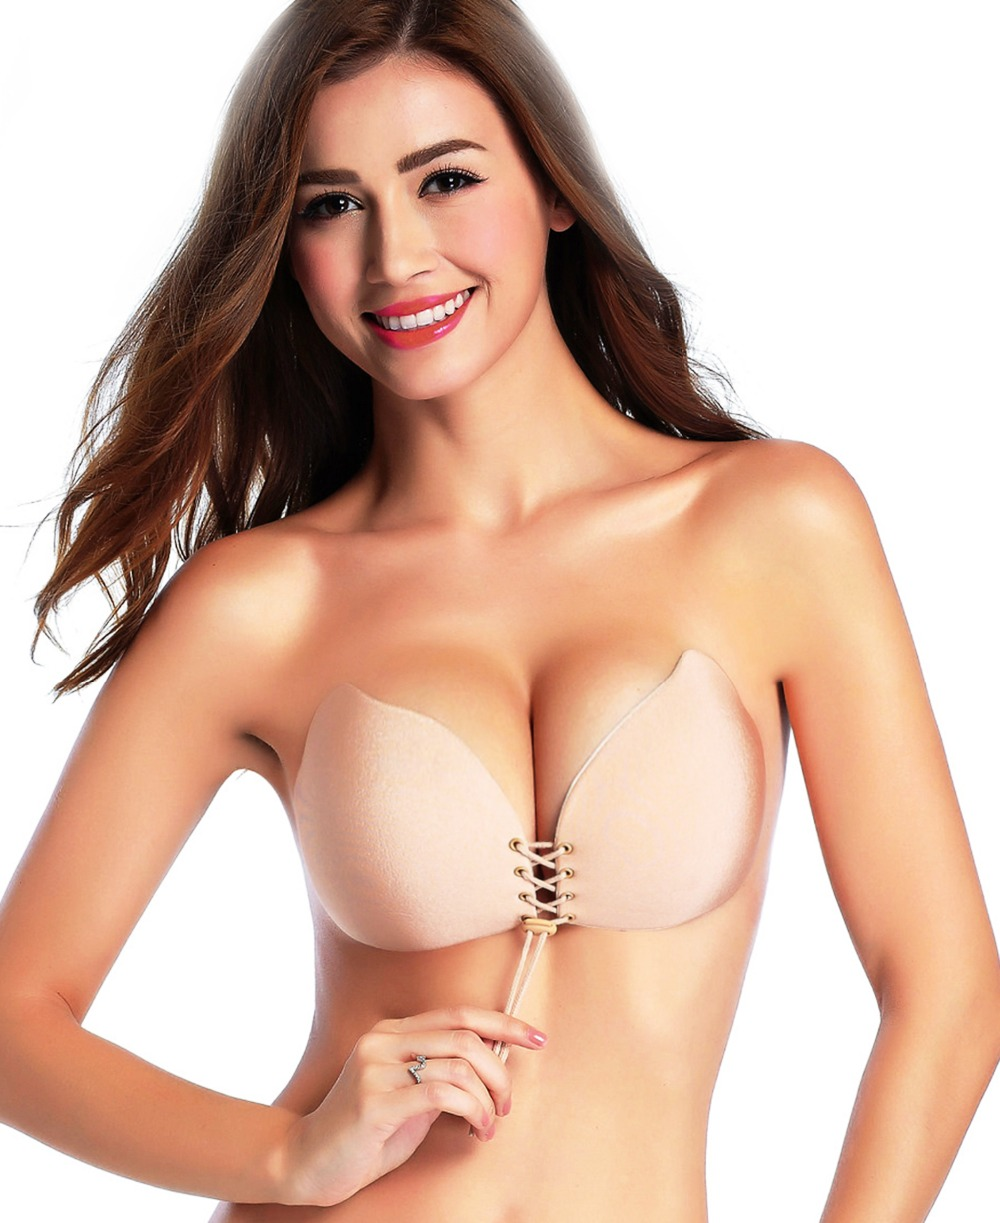 Удобная упаковка Новый стиль сексуальные девушки бесшовные груди уплотненные чашки бюстгальтера для Для женщин вечерние платье A B C D чашки